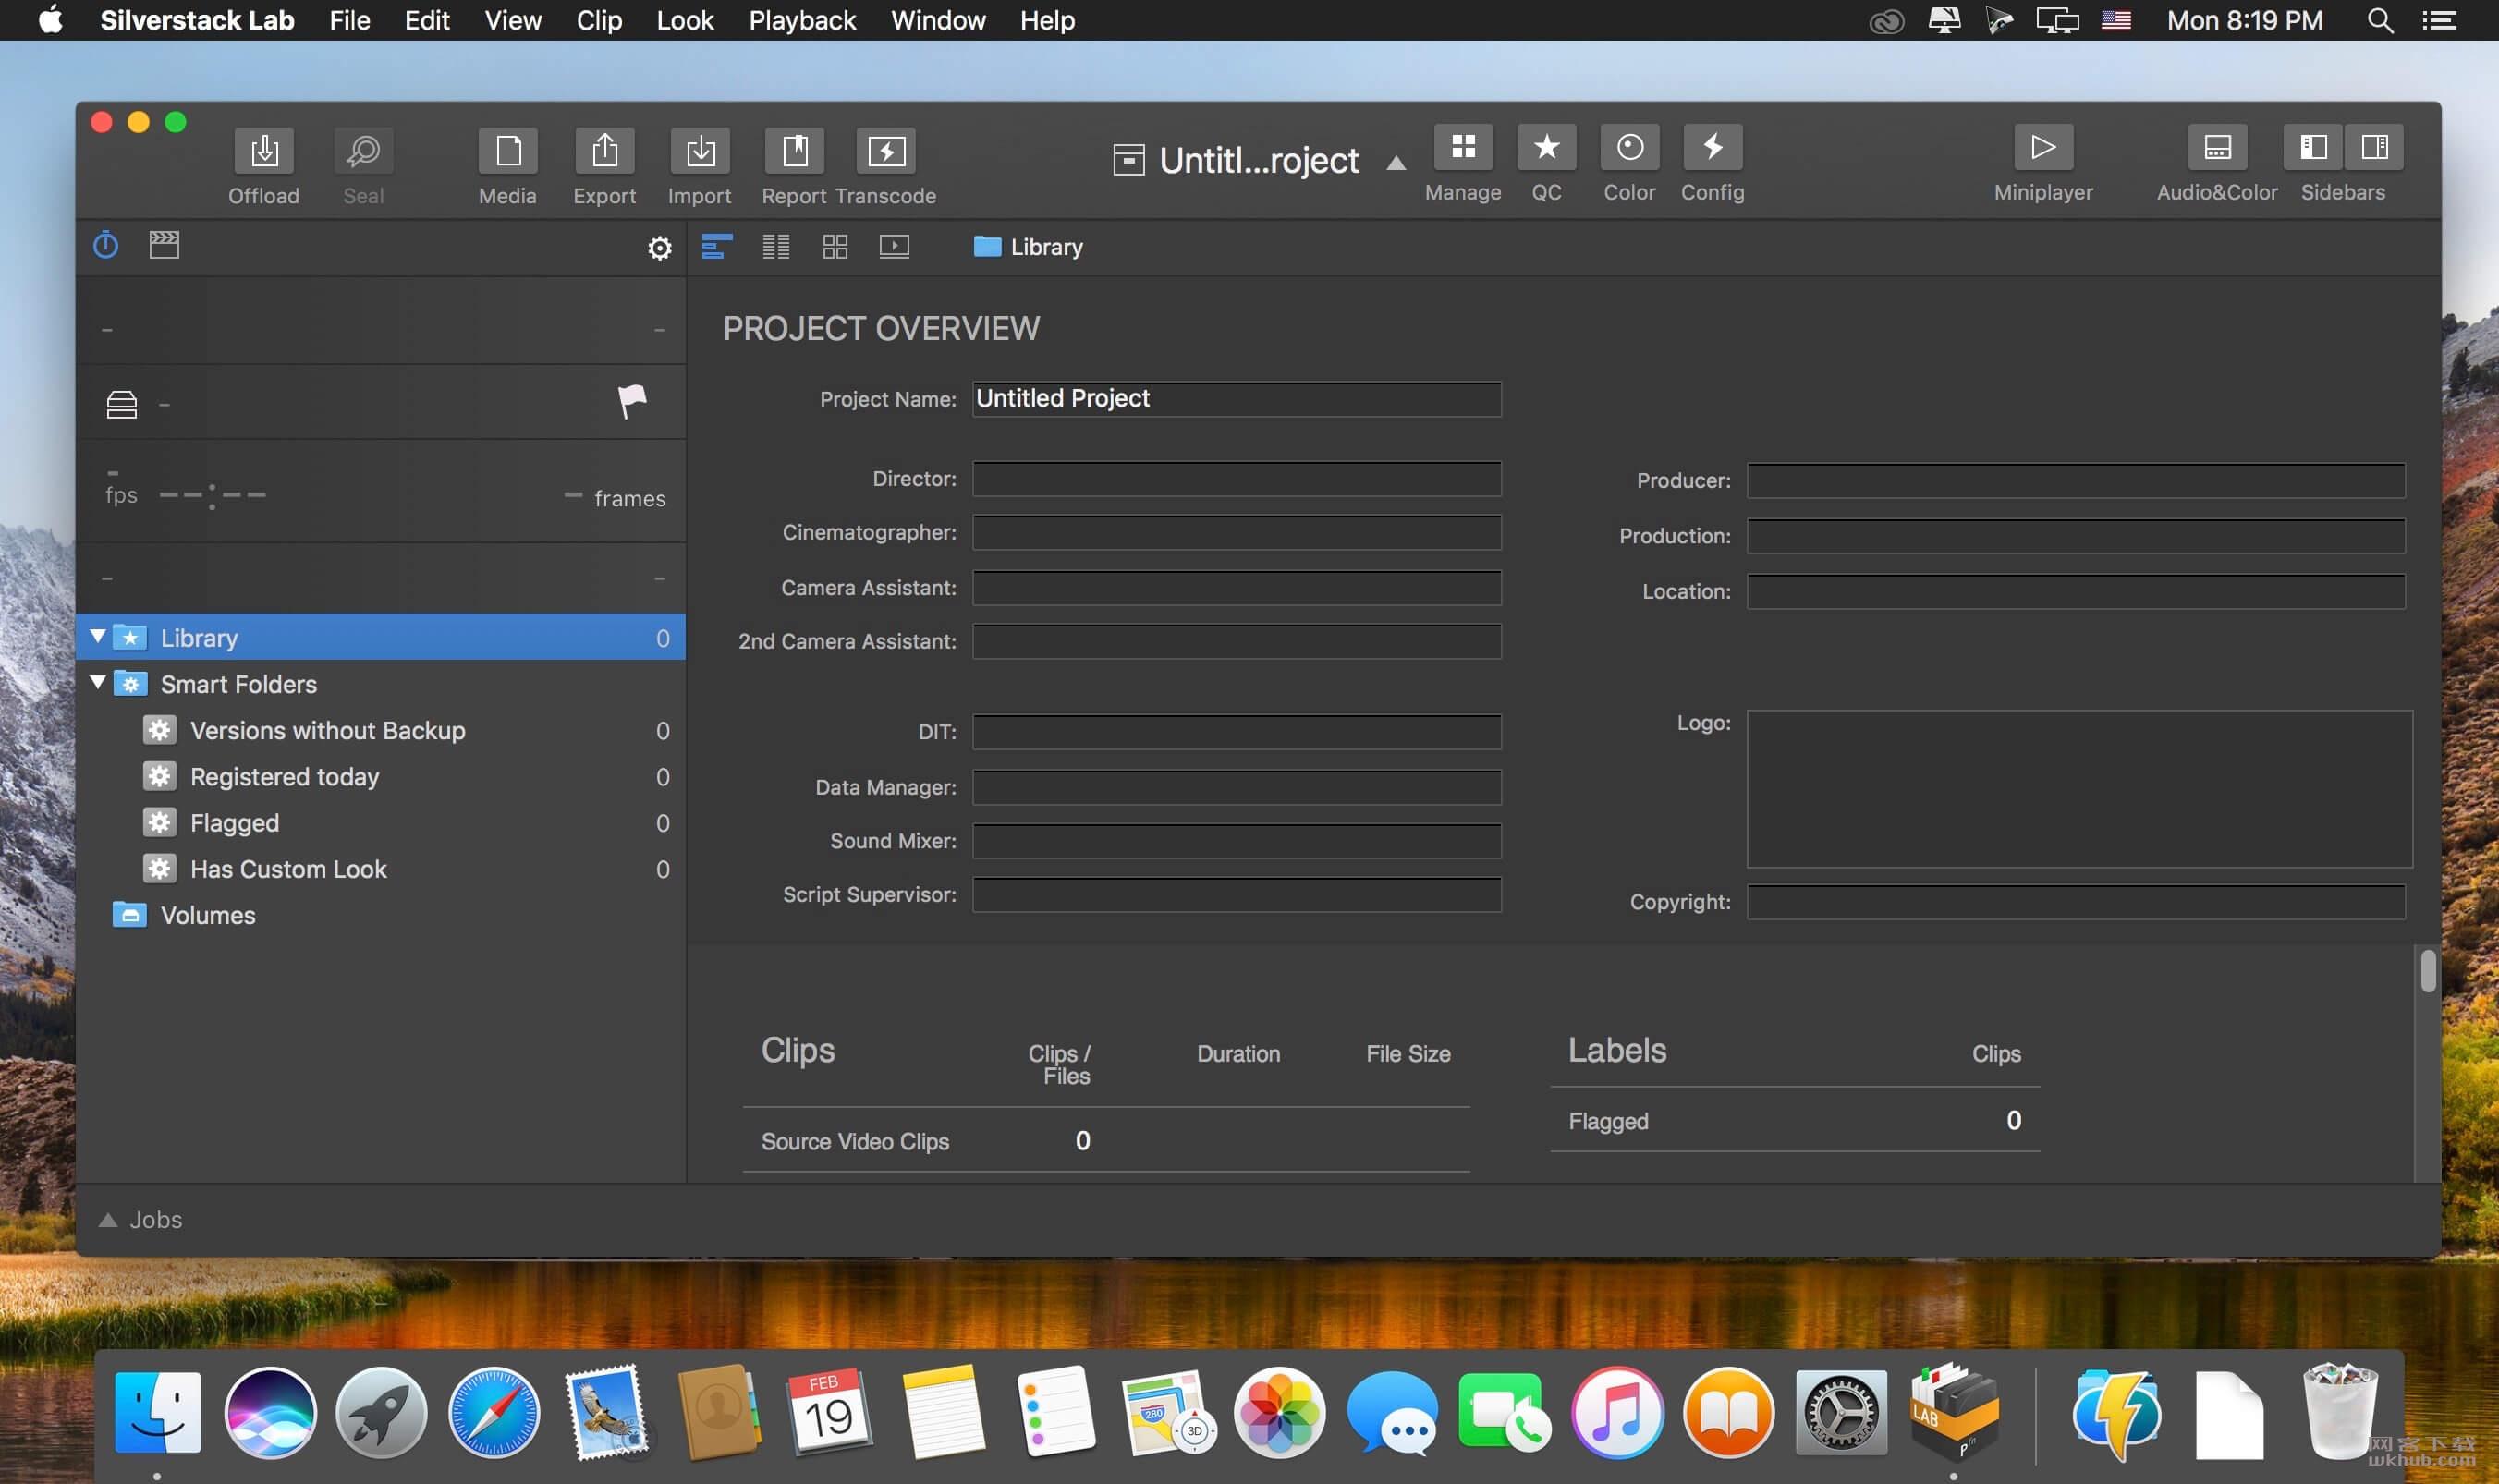 Silverstack Lab 6.4.9 媒体素材管理及转码工具